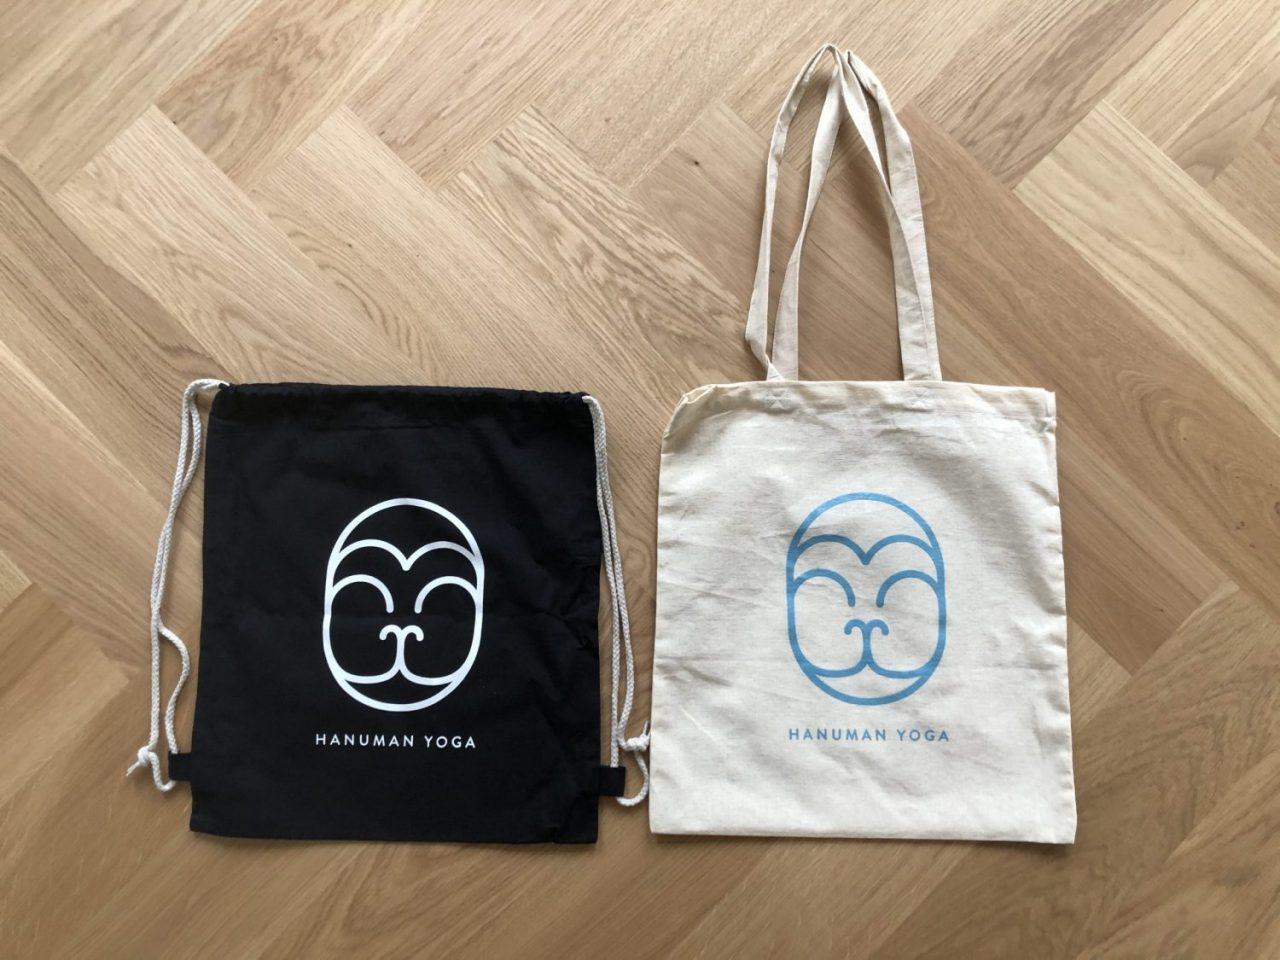 Hanuman Yoga, Hanuman Yoga Basel, Yoga Basel, Hanuman Tasche